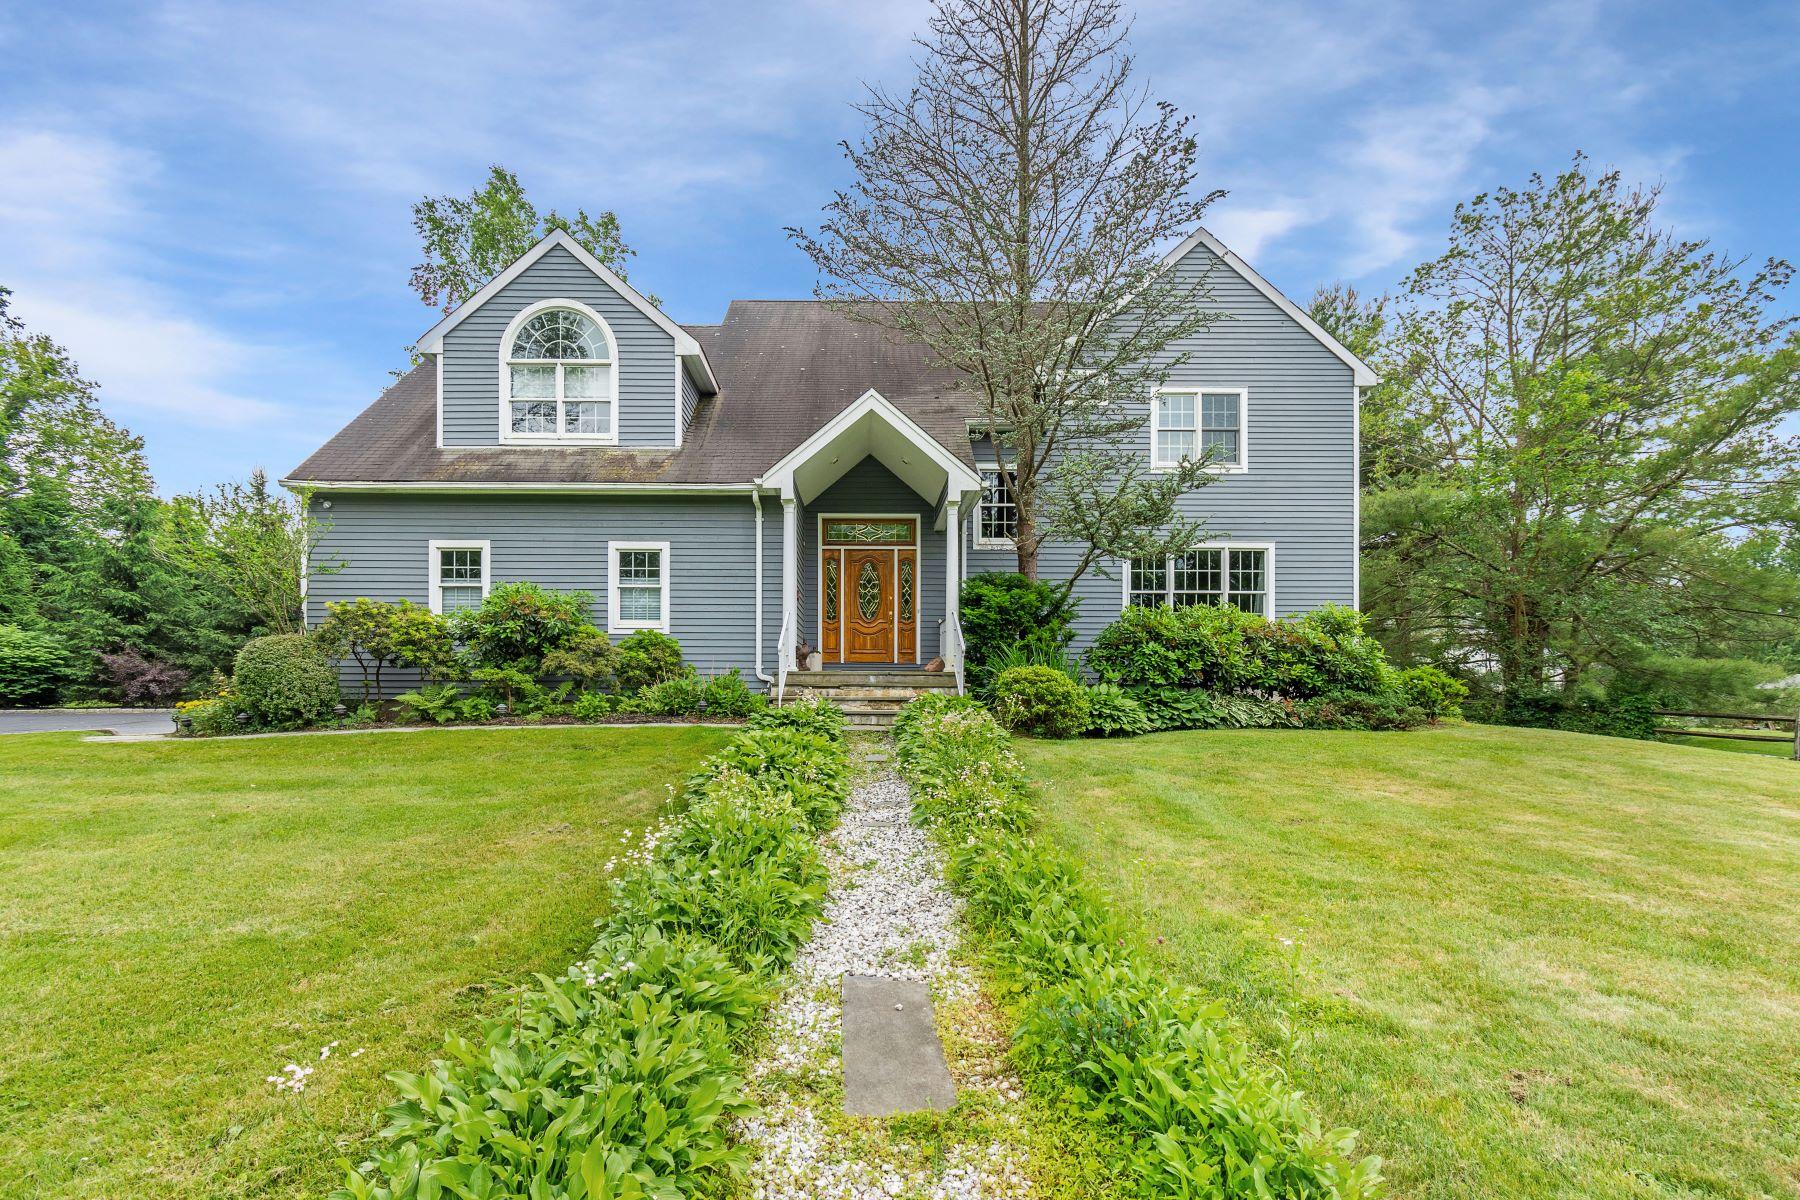 Single Family Homes für Verkauf beim Stunning Light Filled Home on Stallion Trail 7 Stallion Trail, Brewster, New York 10509 Vereinigte Staaten